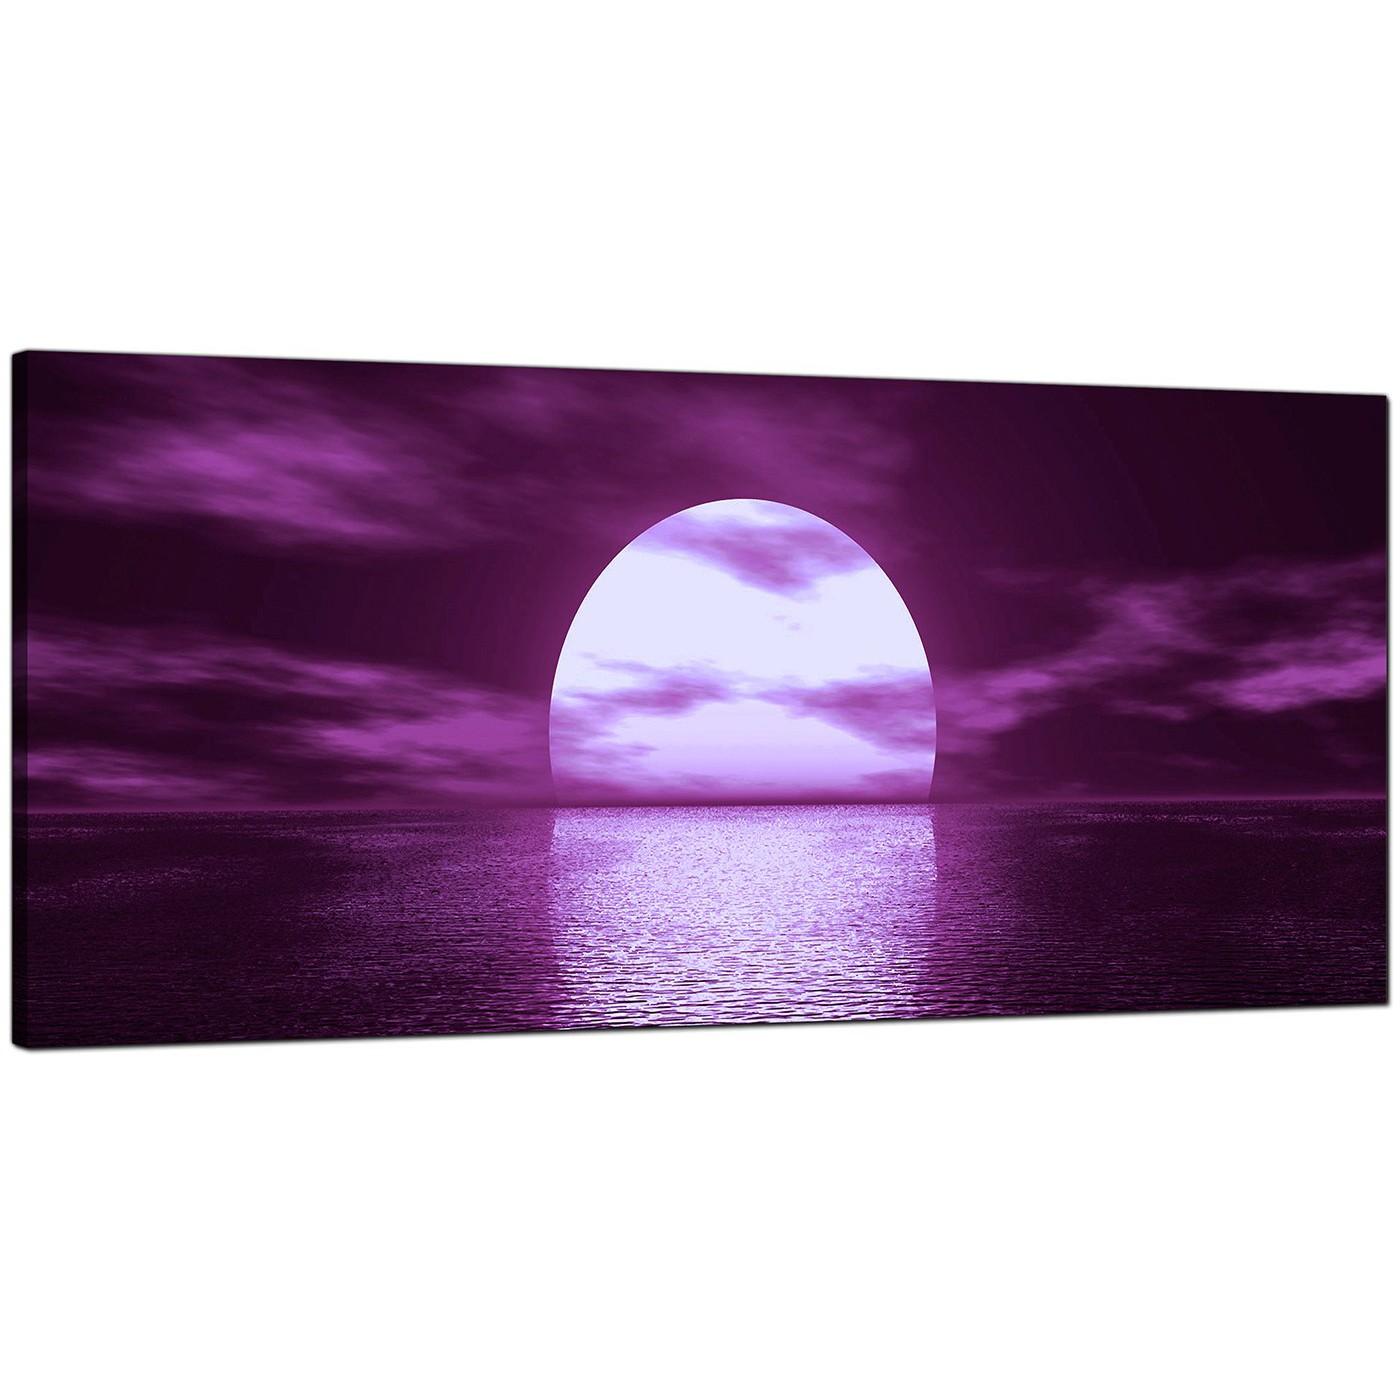 Display Gallery Item 4; Purple Bedroom Wide Canvas Of Landscape Display  Gallery Item 5